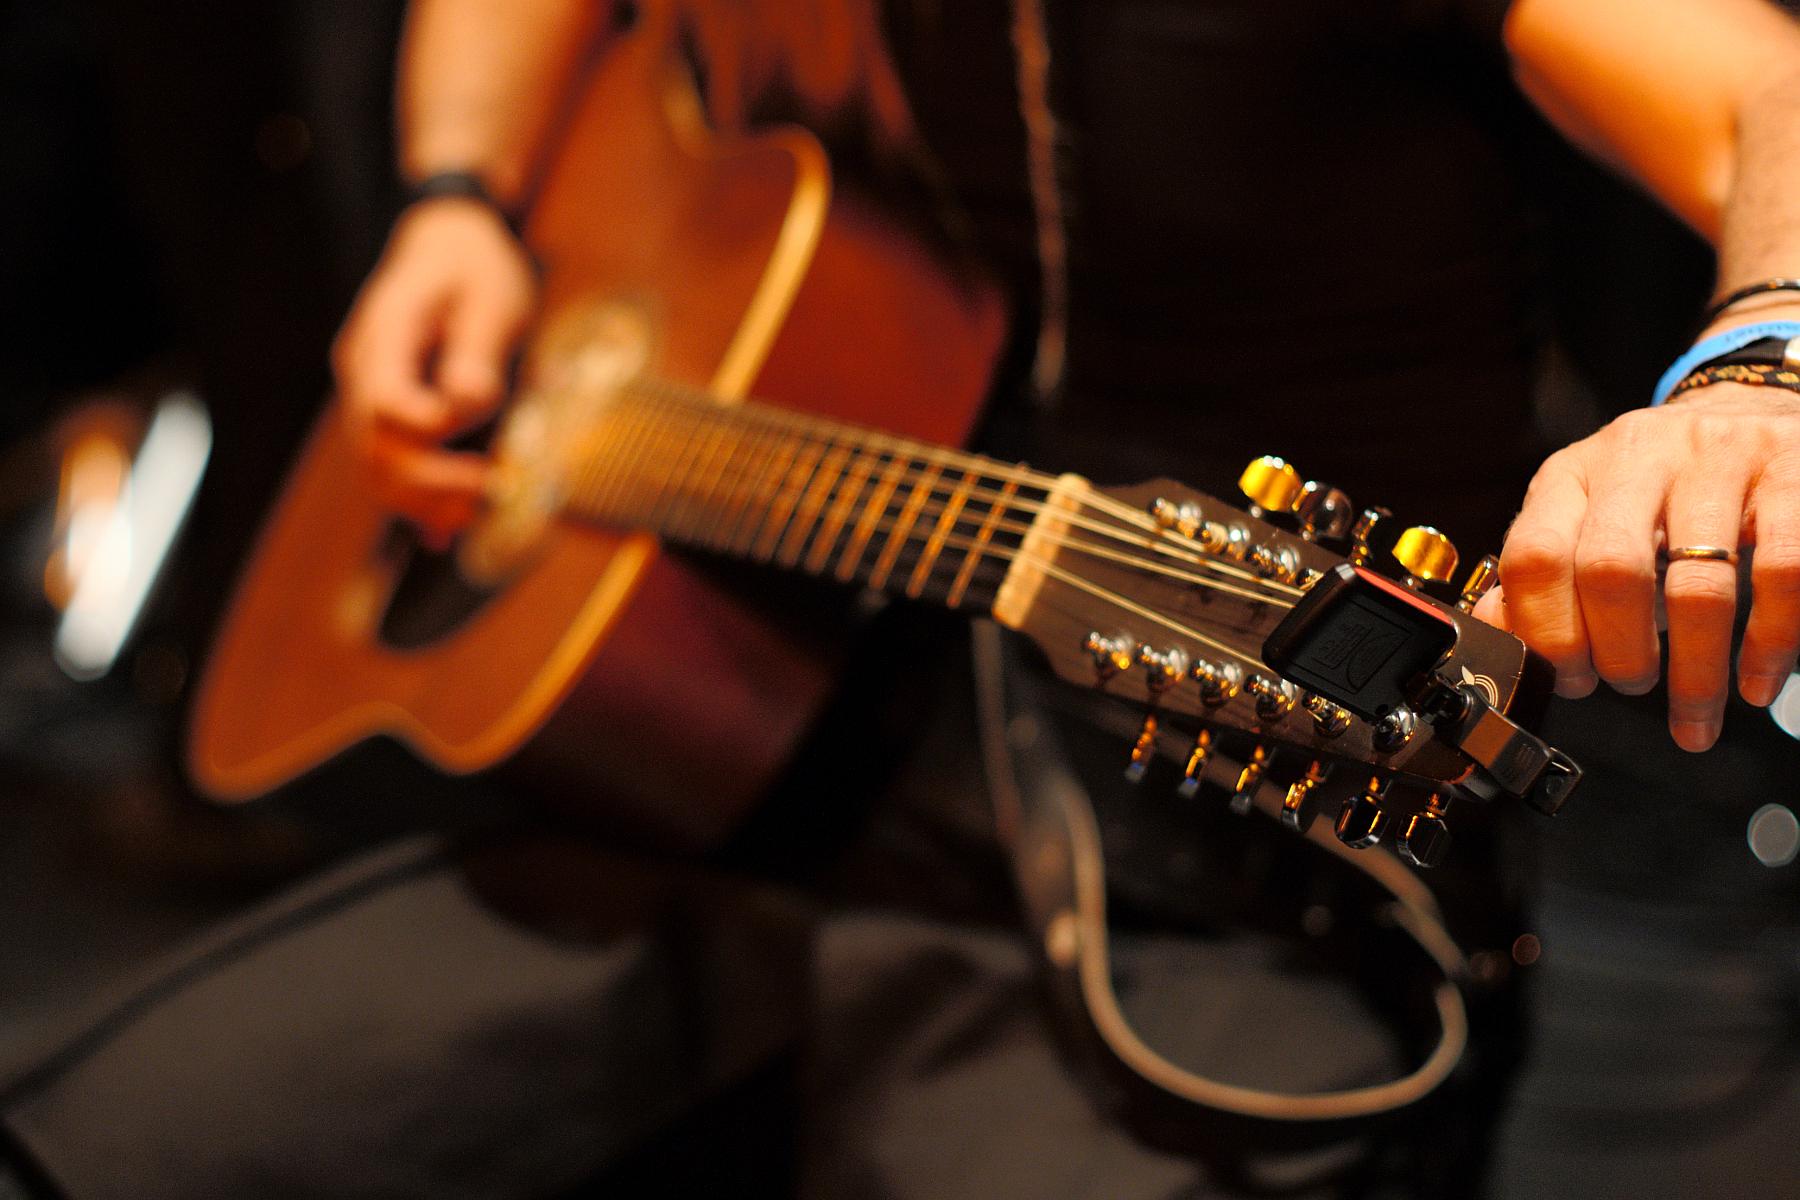 ladicka na gitaru